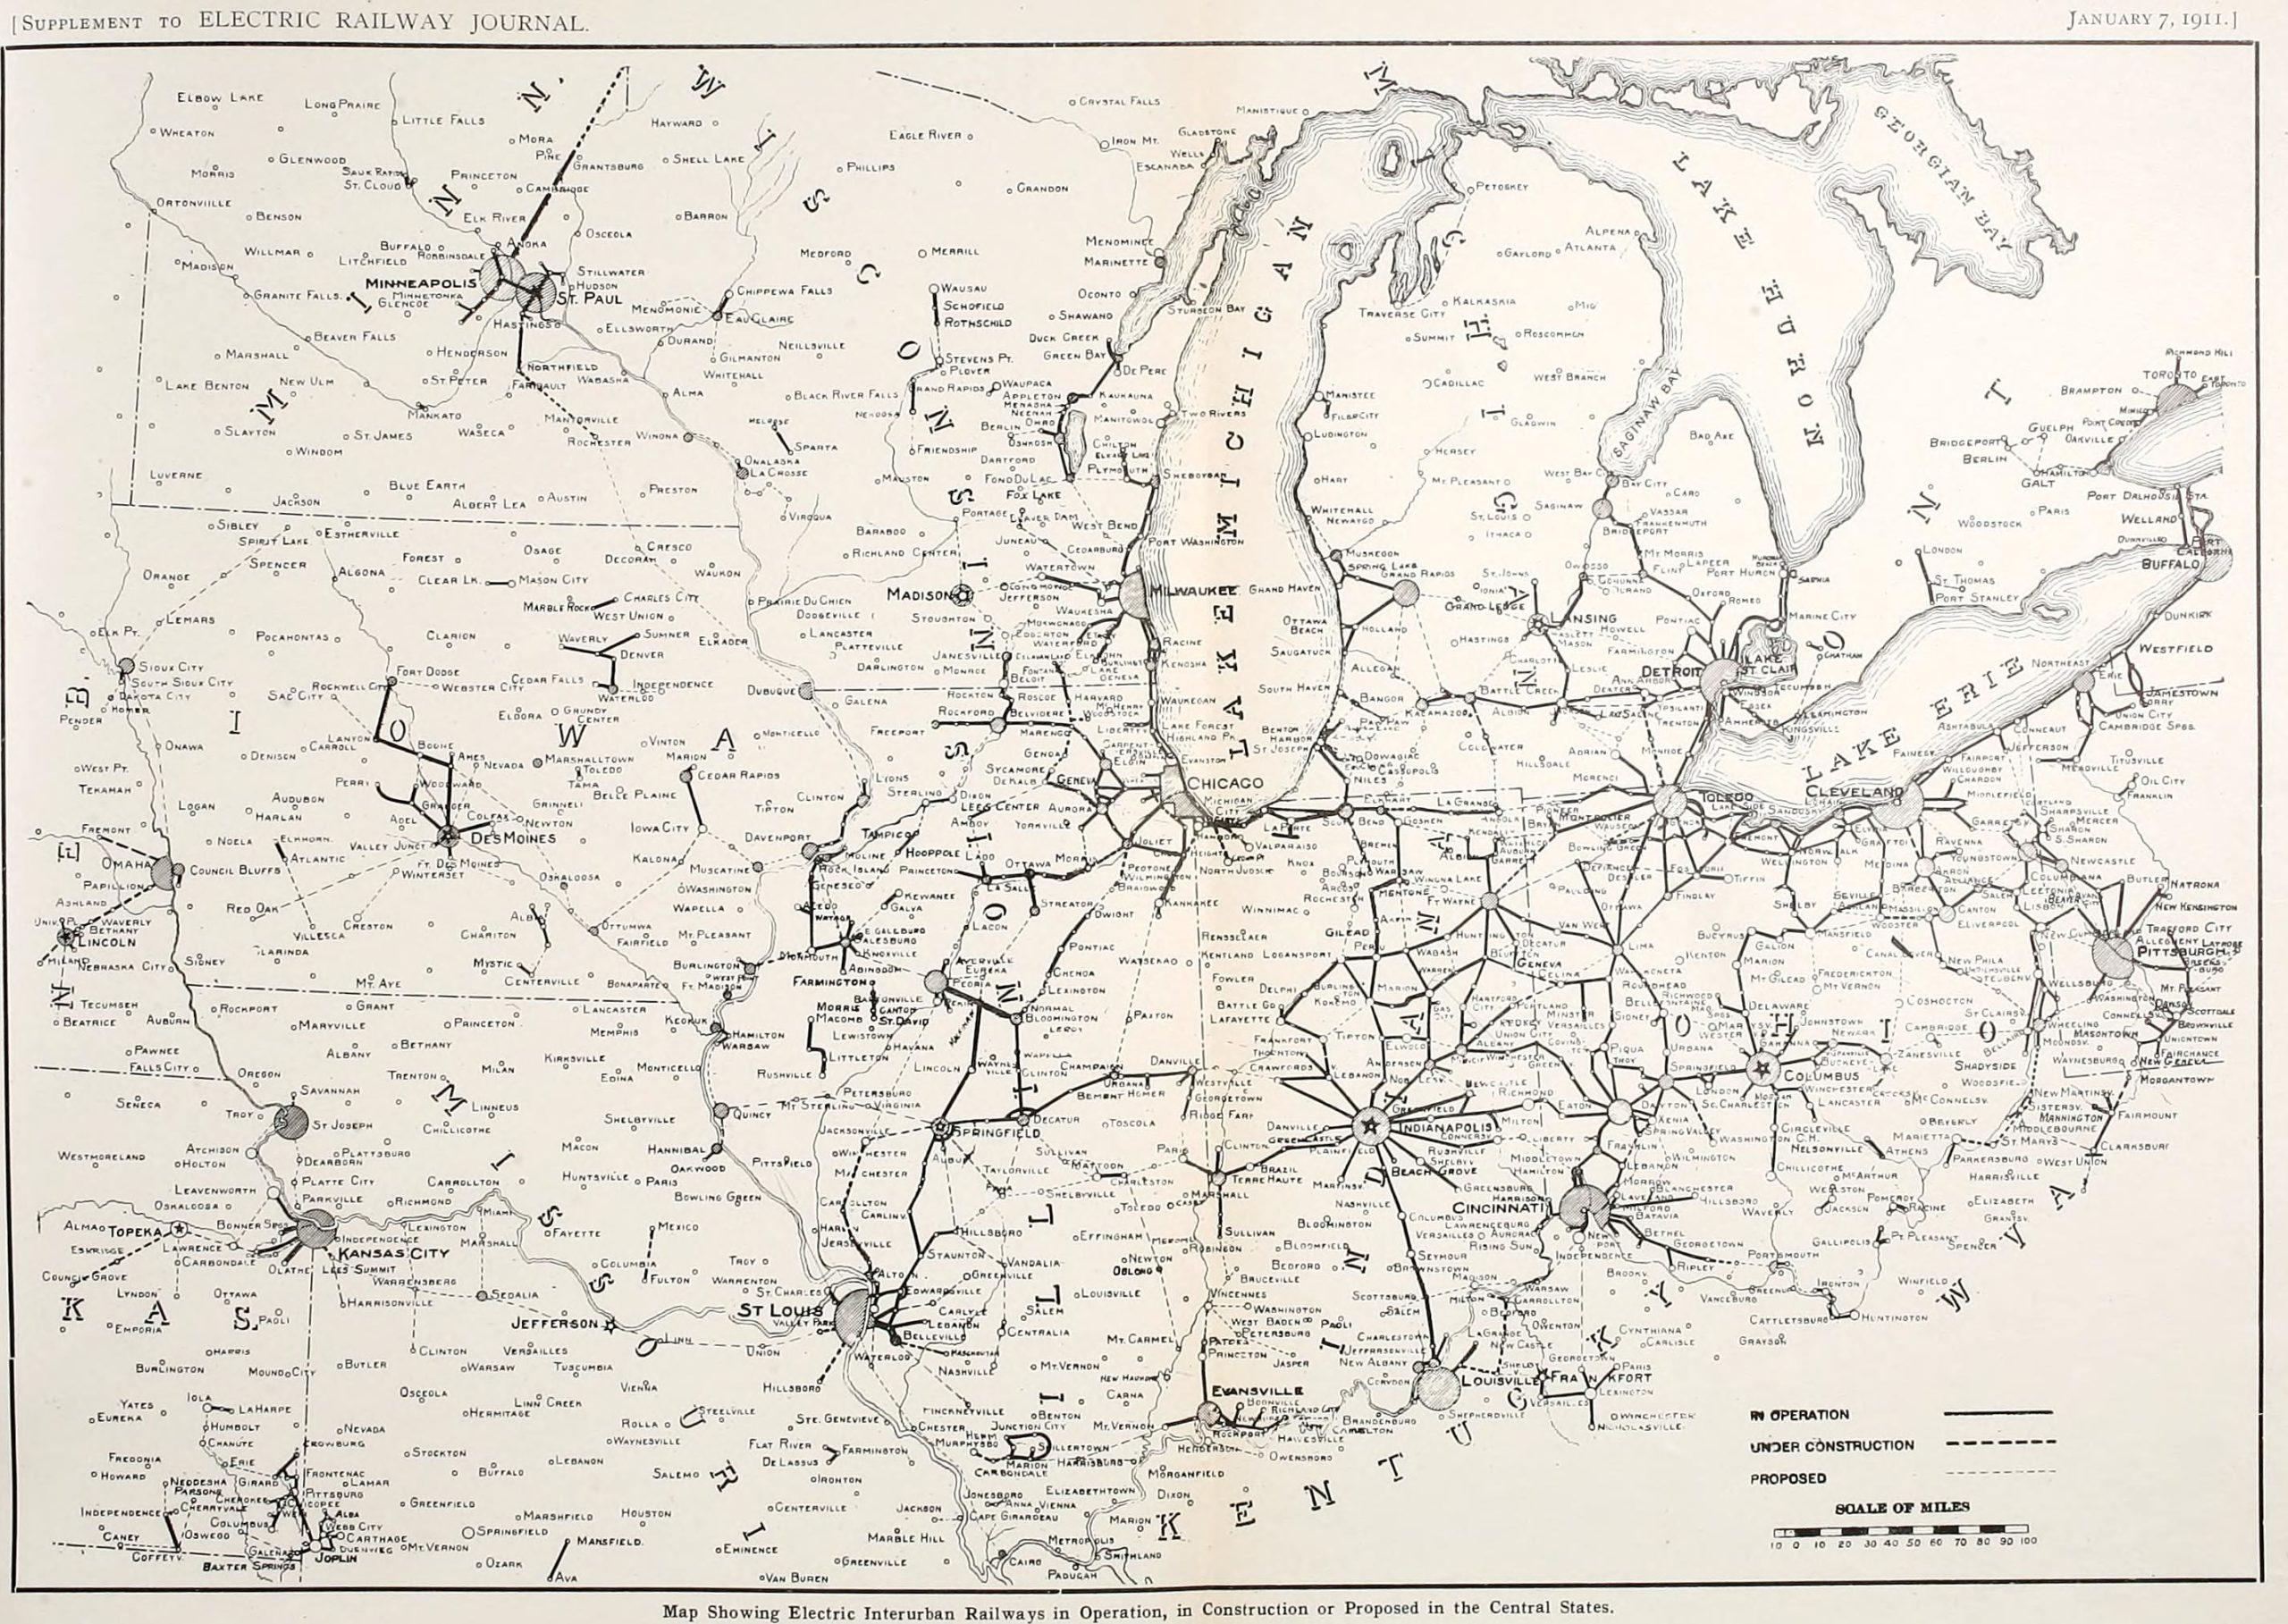 Gęsta sieć elektrycznych interurbanów w środkowych Stanach Zjednoczonych w 1911 roku. Aż trudno uwierzyć, że wiek później z tego wszystkiego pozostała raptem jedna linia